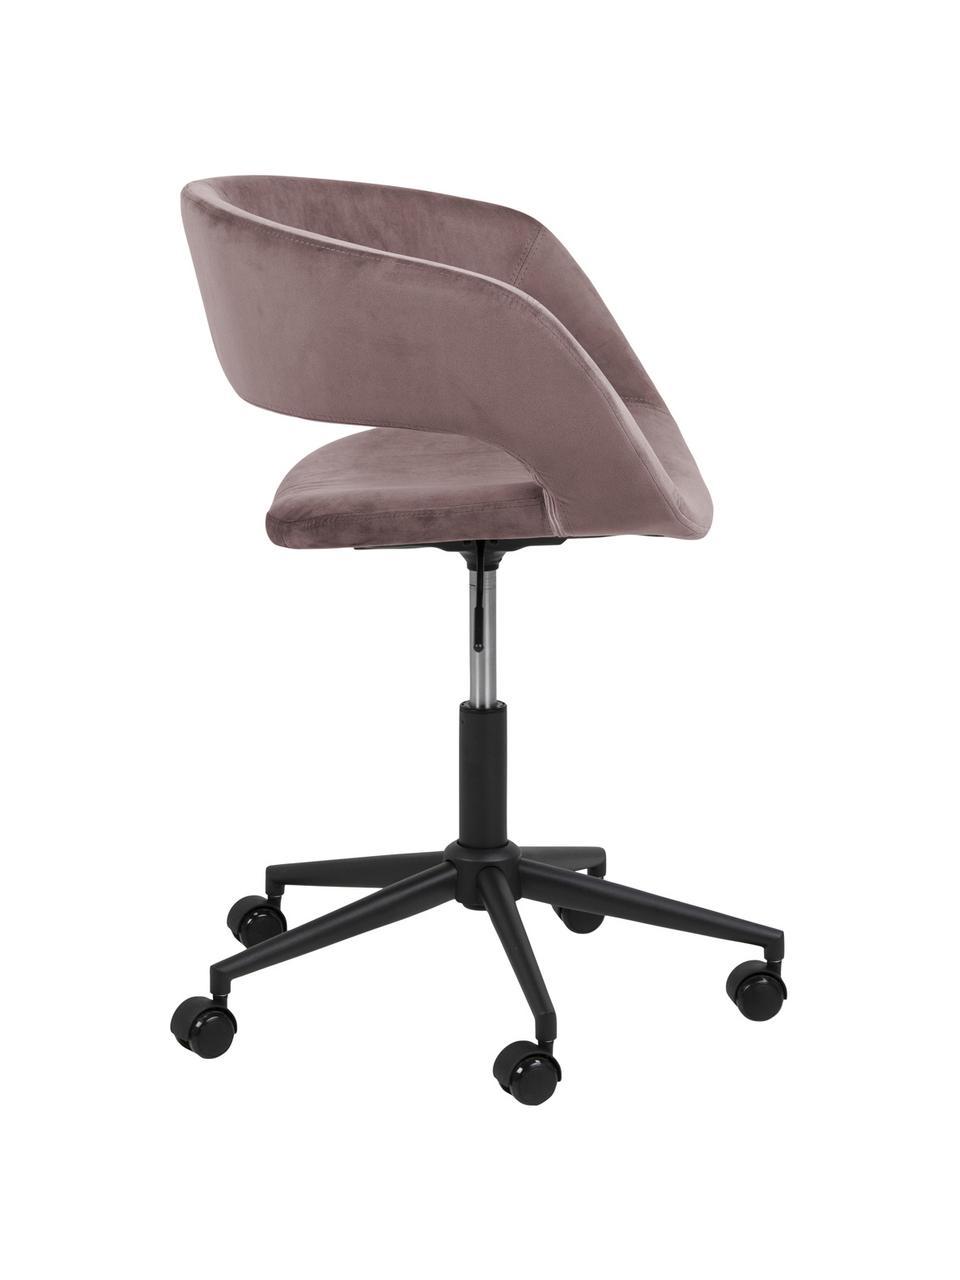 Krzesło obrotowe z aksamitu Grace, Tapicerka: aksamit poliestrowy 2500, Stelaż: metal malowany proszkowo, Aksamitny brudny różowy, S 56 x G 54 cm